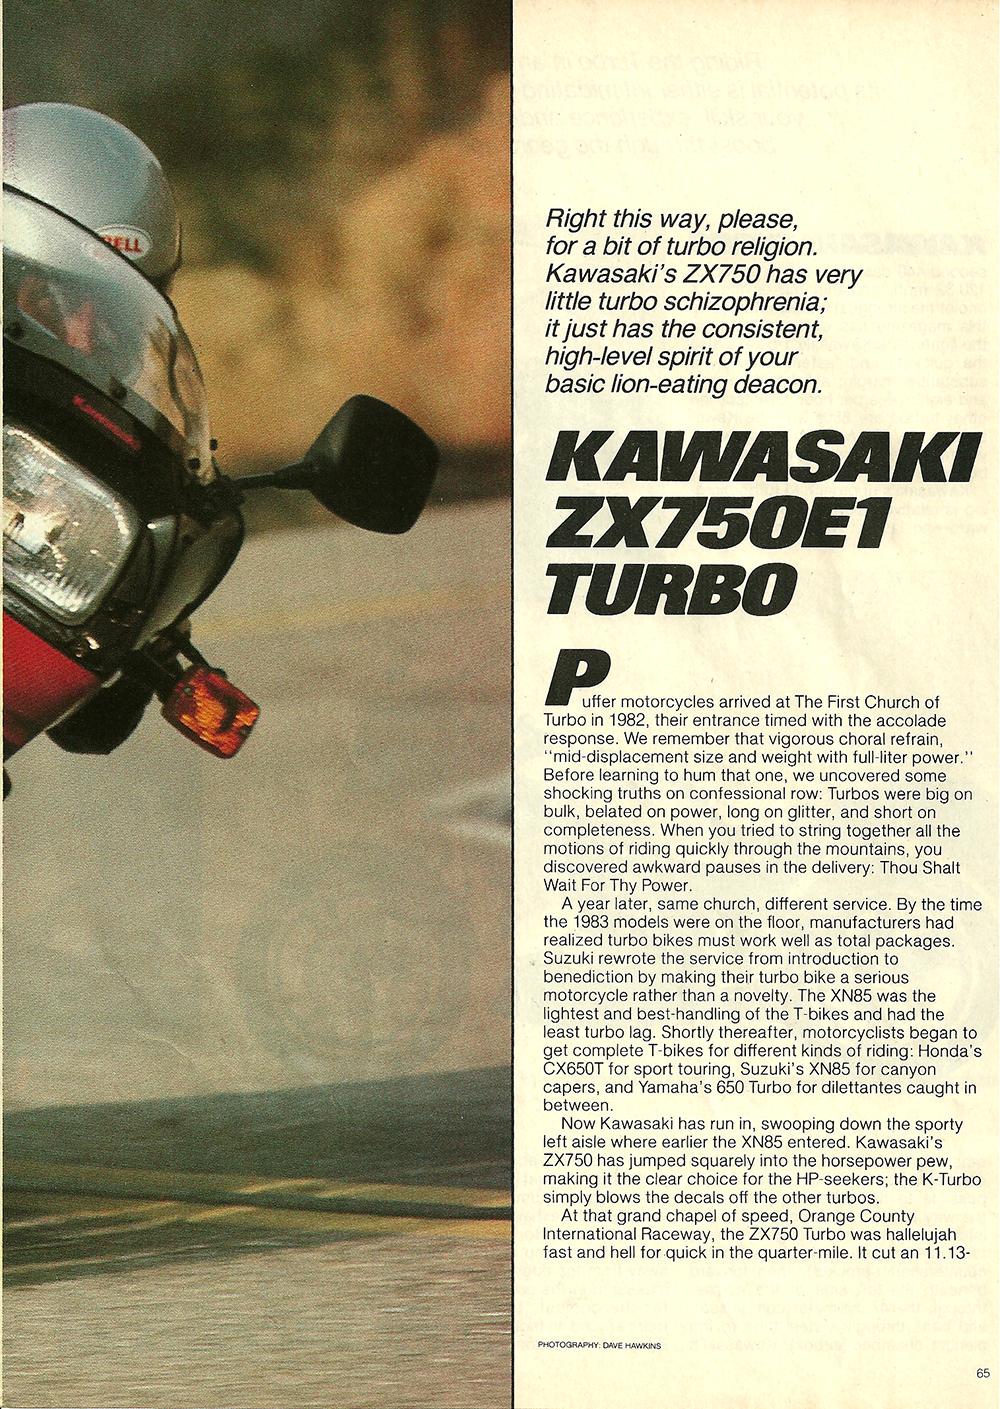 1984 Kawasaki ZX750E1 turbo road test 2.jpg